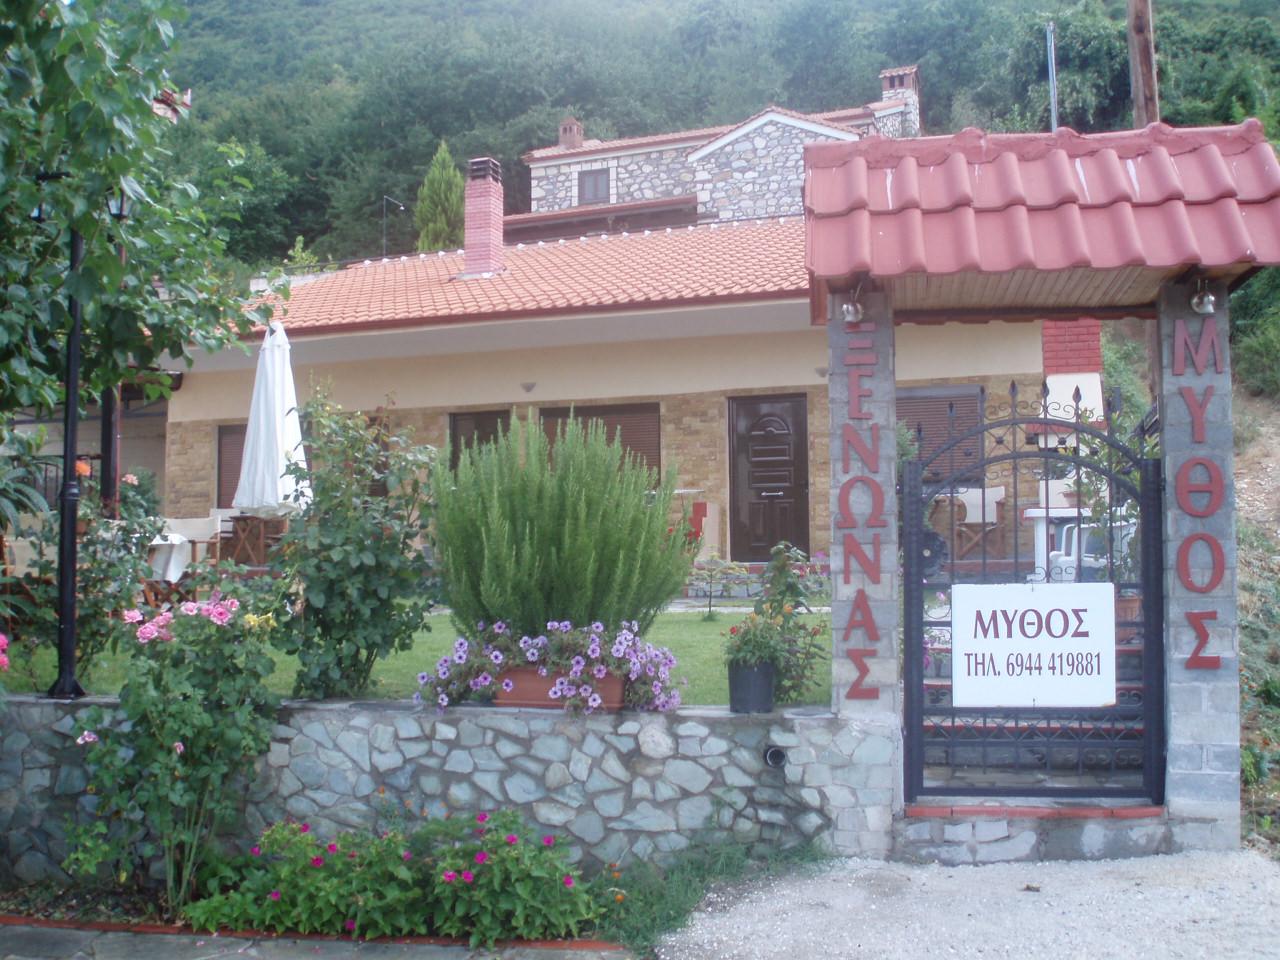 Ξενώνας Μύθος στην Όρμα Πέλλας Λουτράκι Πόζαρ